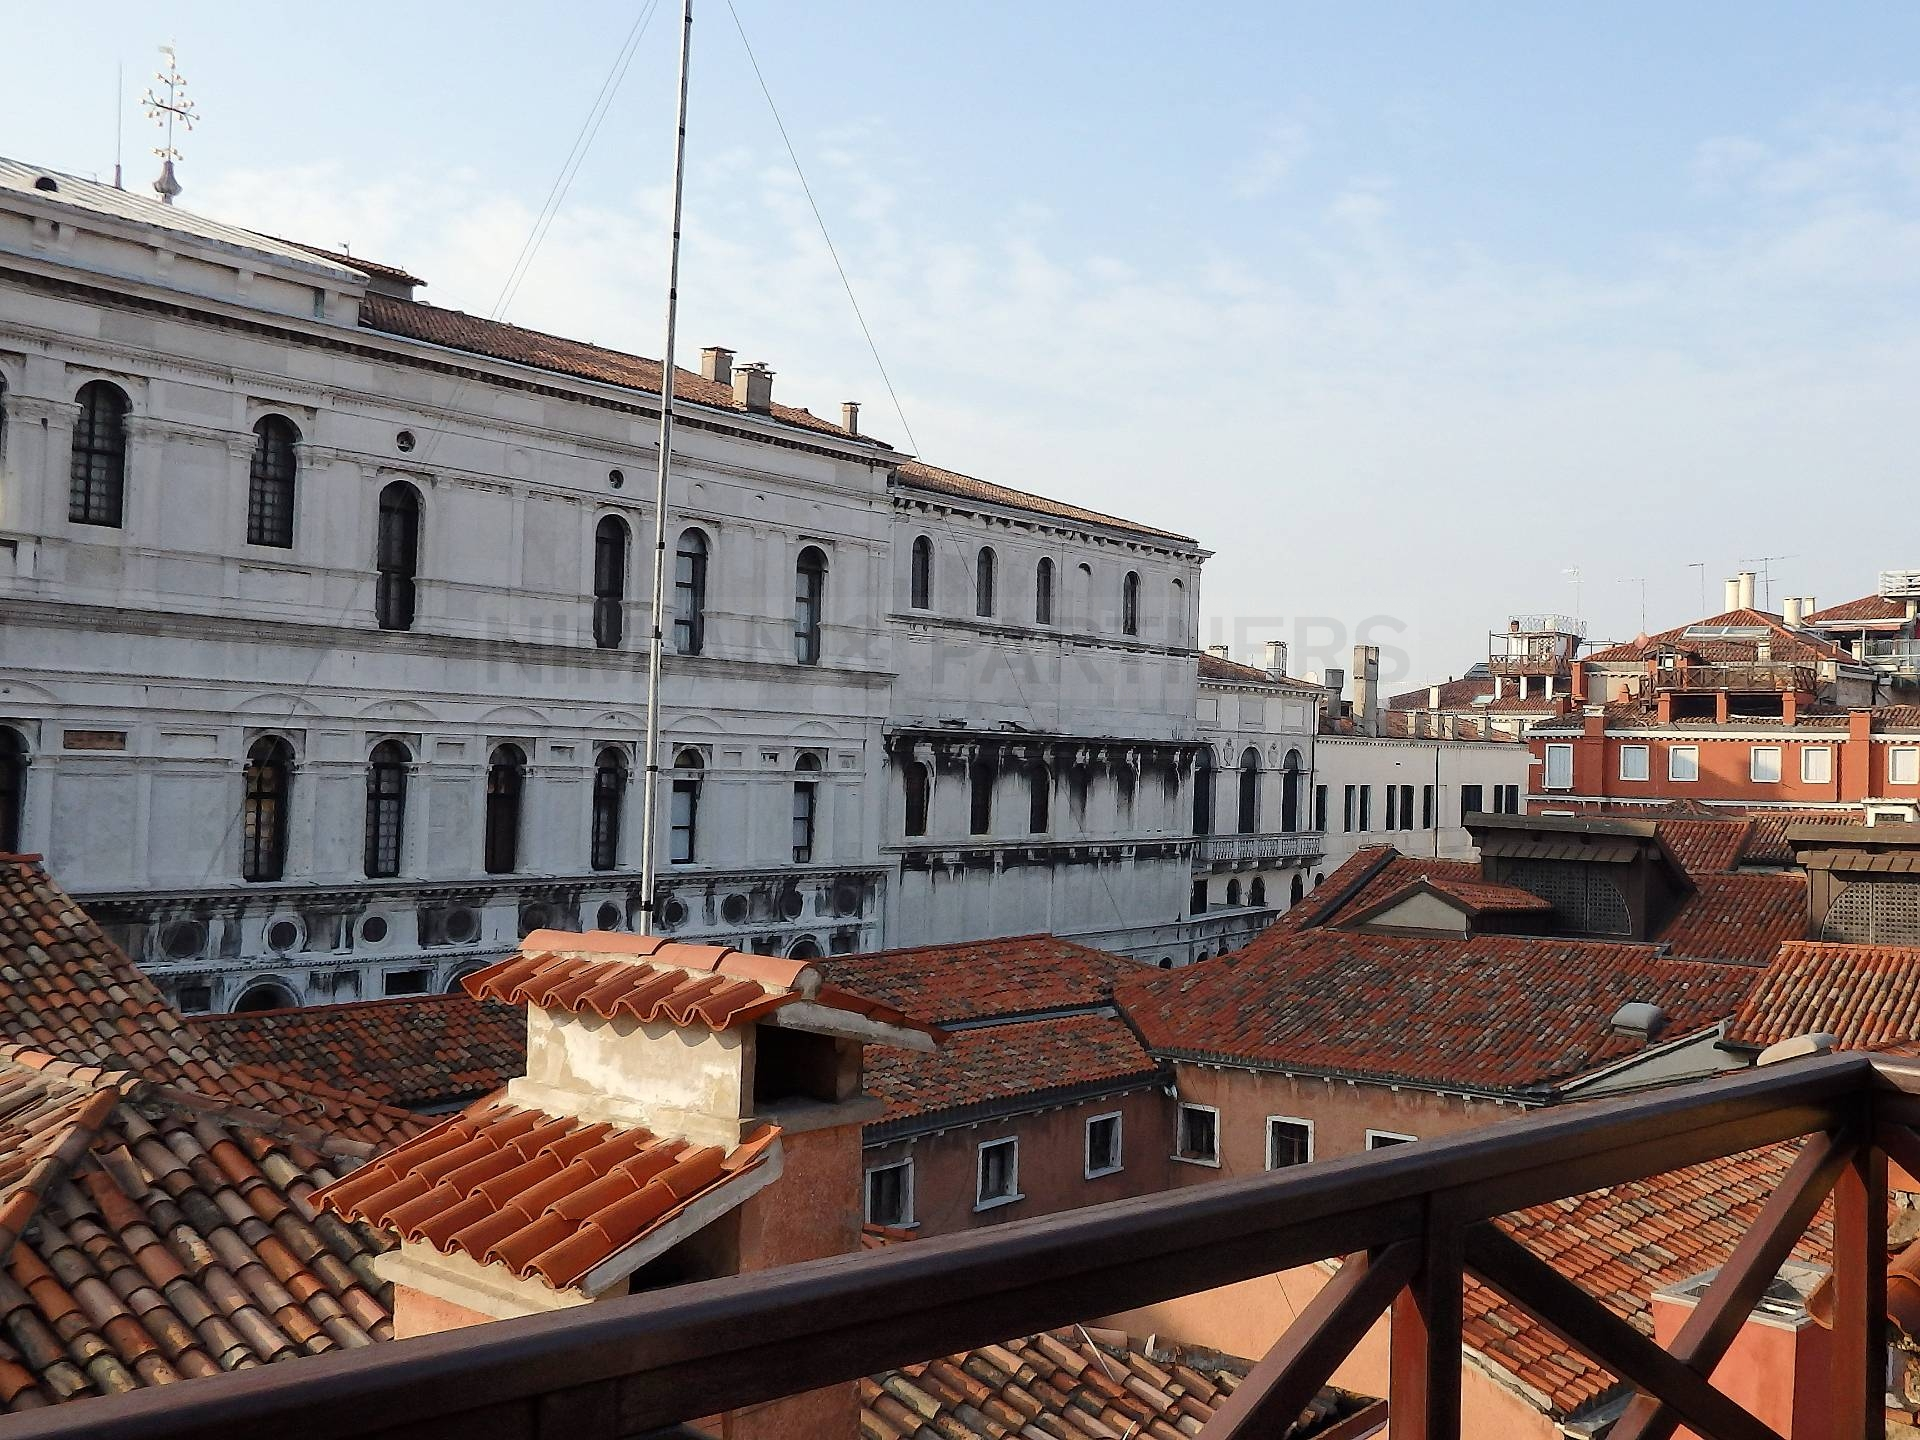 Appartamento in vendita a Venezia, 3 locali, zona Zona: 4 . Castello, prezzo € 790.000 | Cambio Casa.it